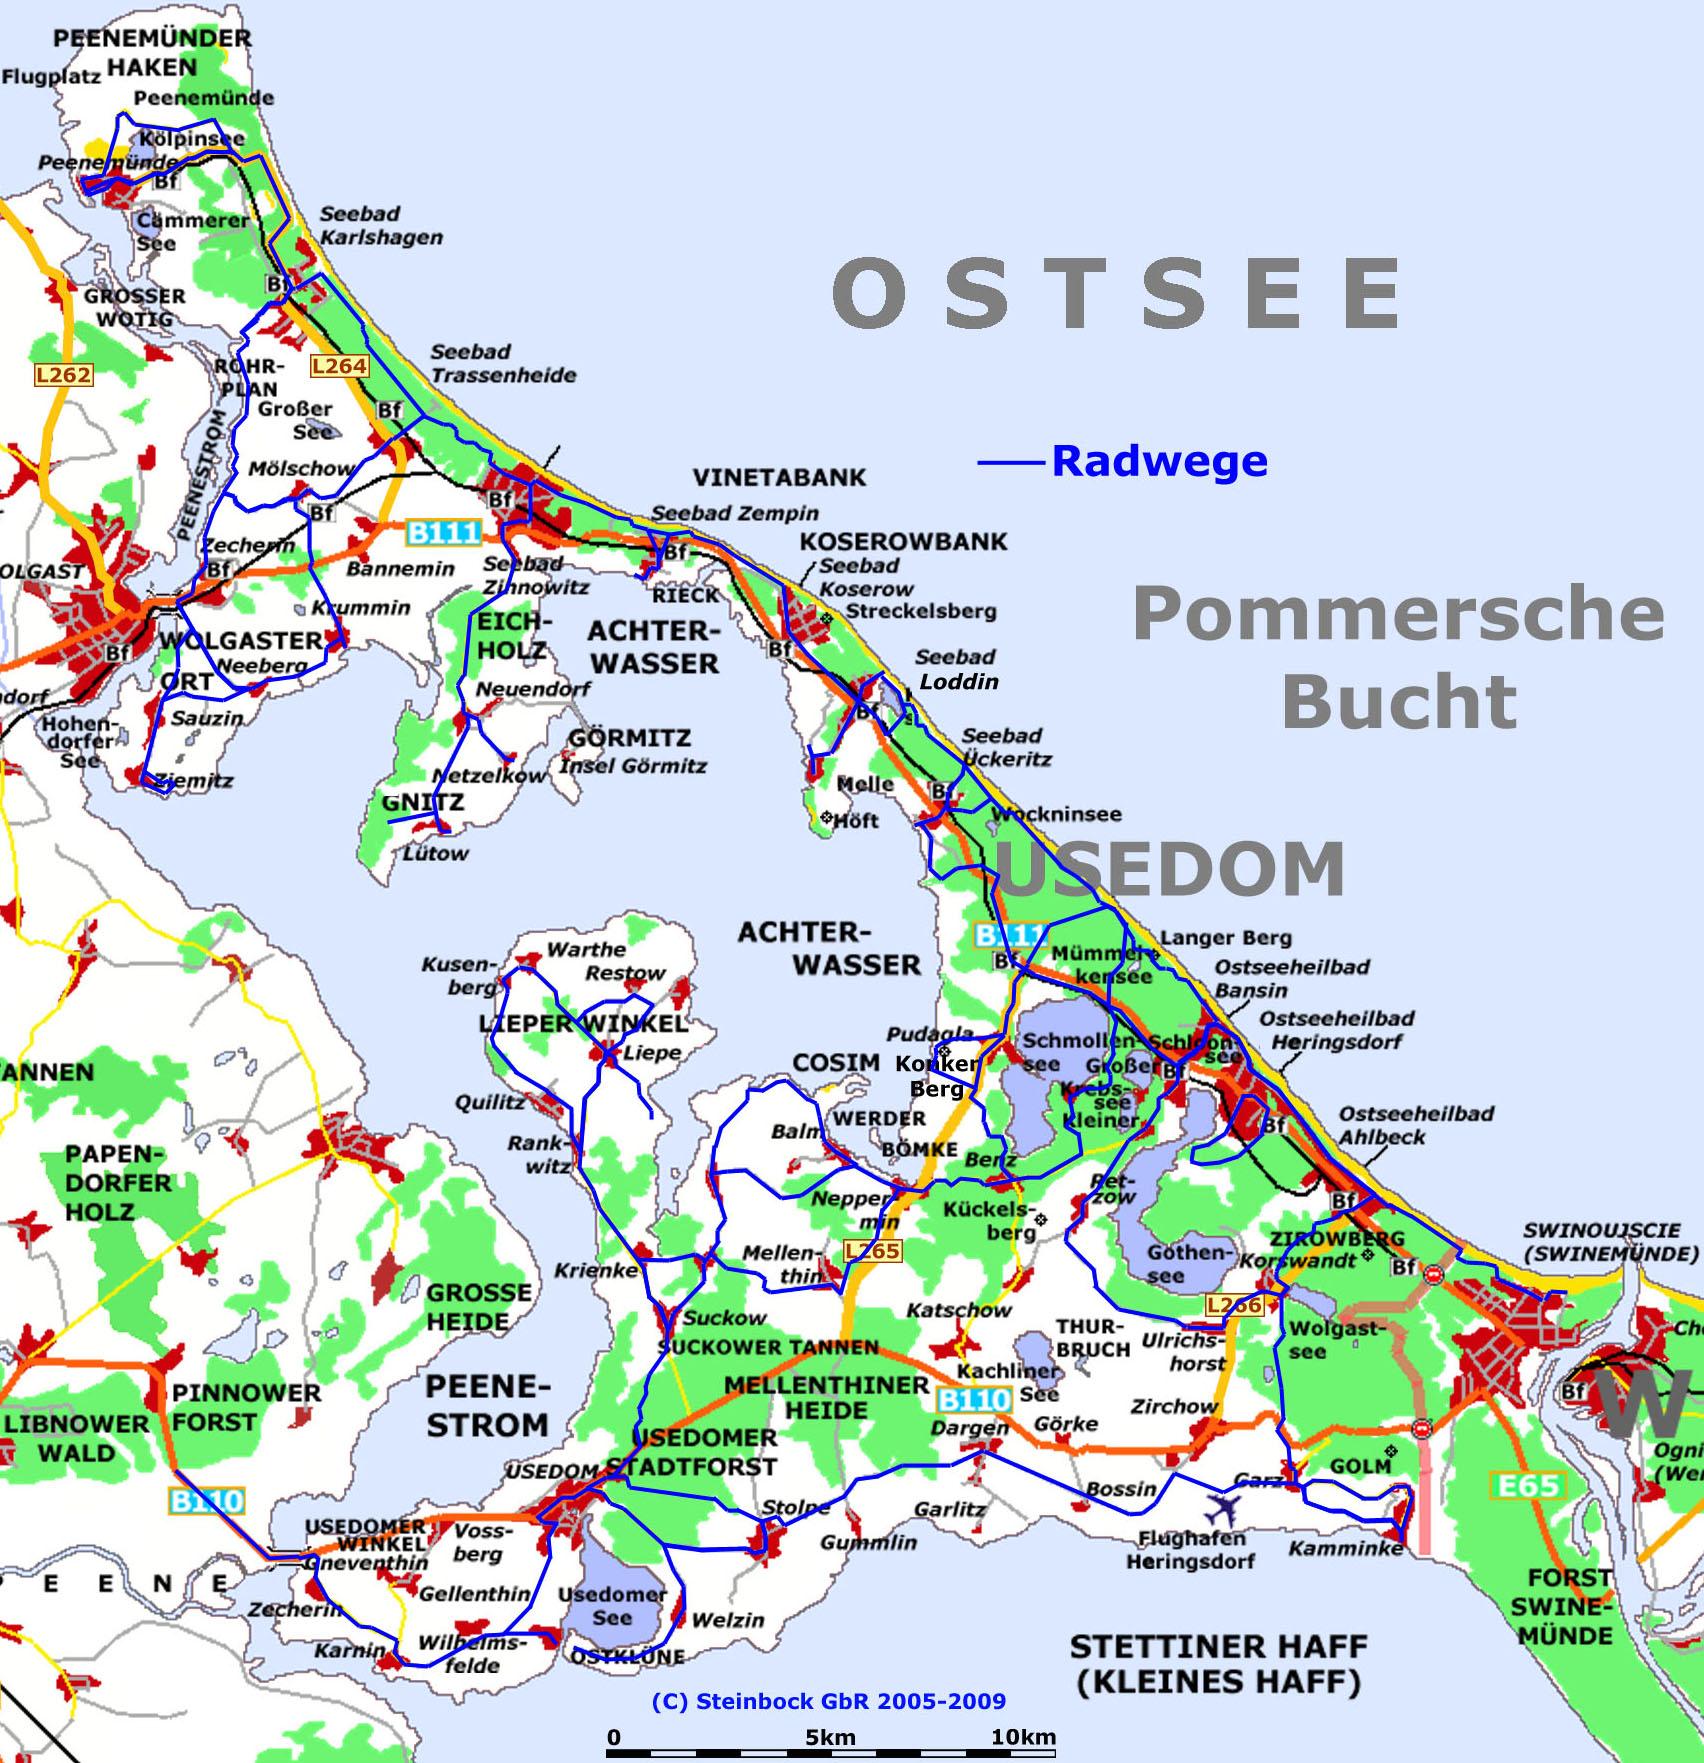 radwege usedom karte pdf Fahrradwege Usedom Karte | creactie